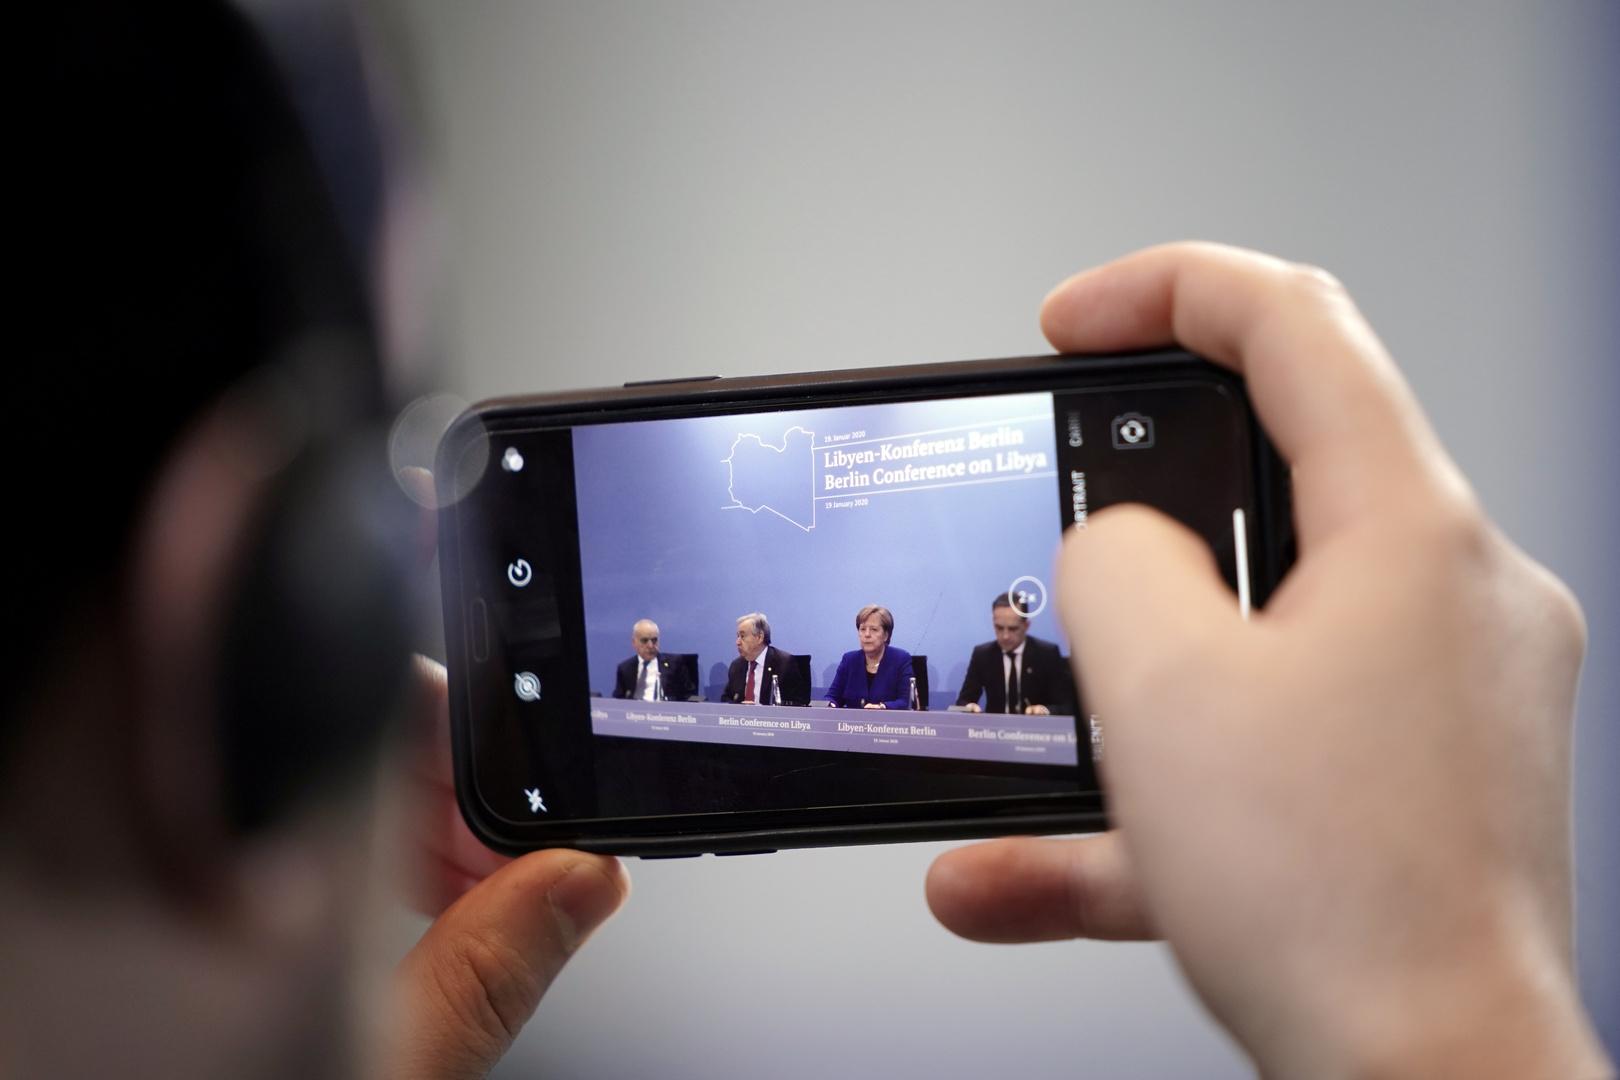 مؤتمر برلين حول ليبيا، الأحد